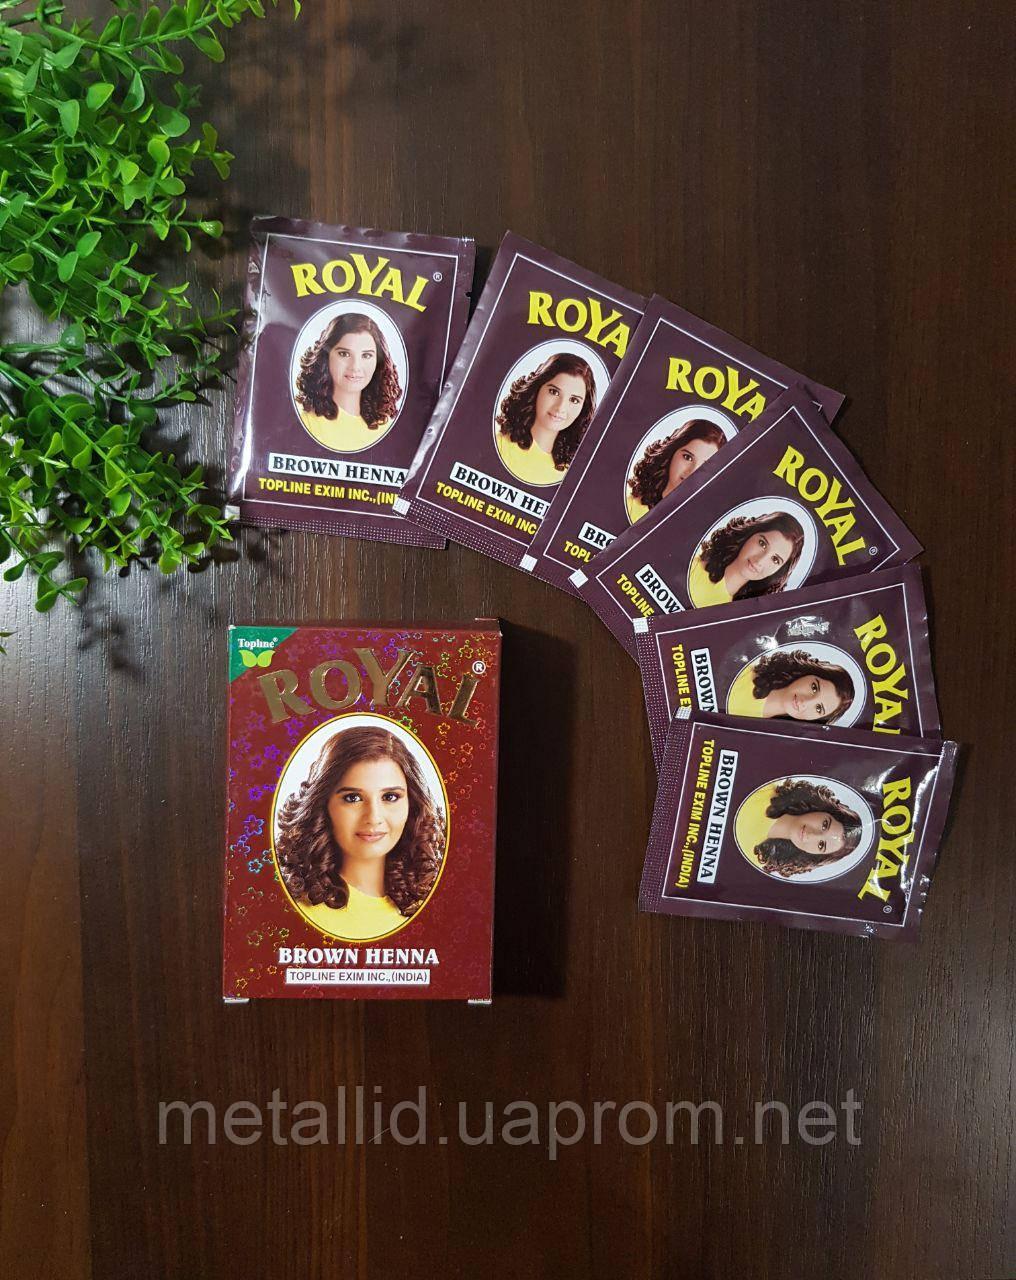 Хна индийская для волос Royal (тон коричневый)